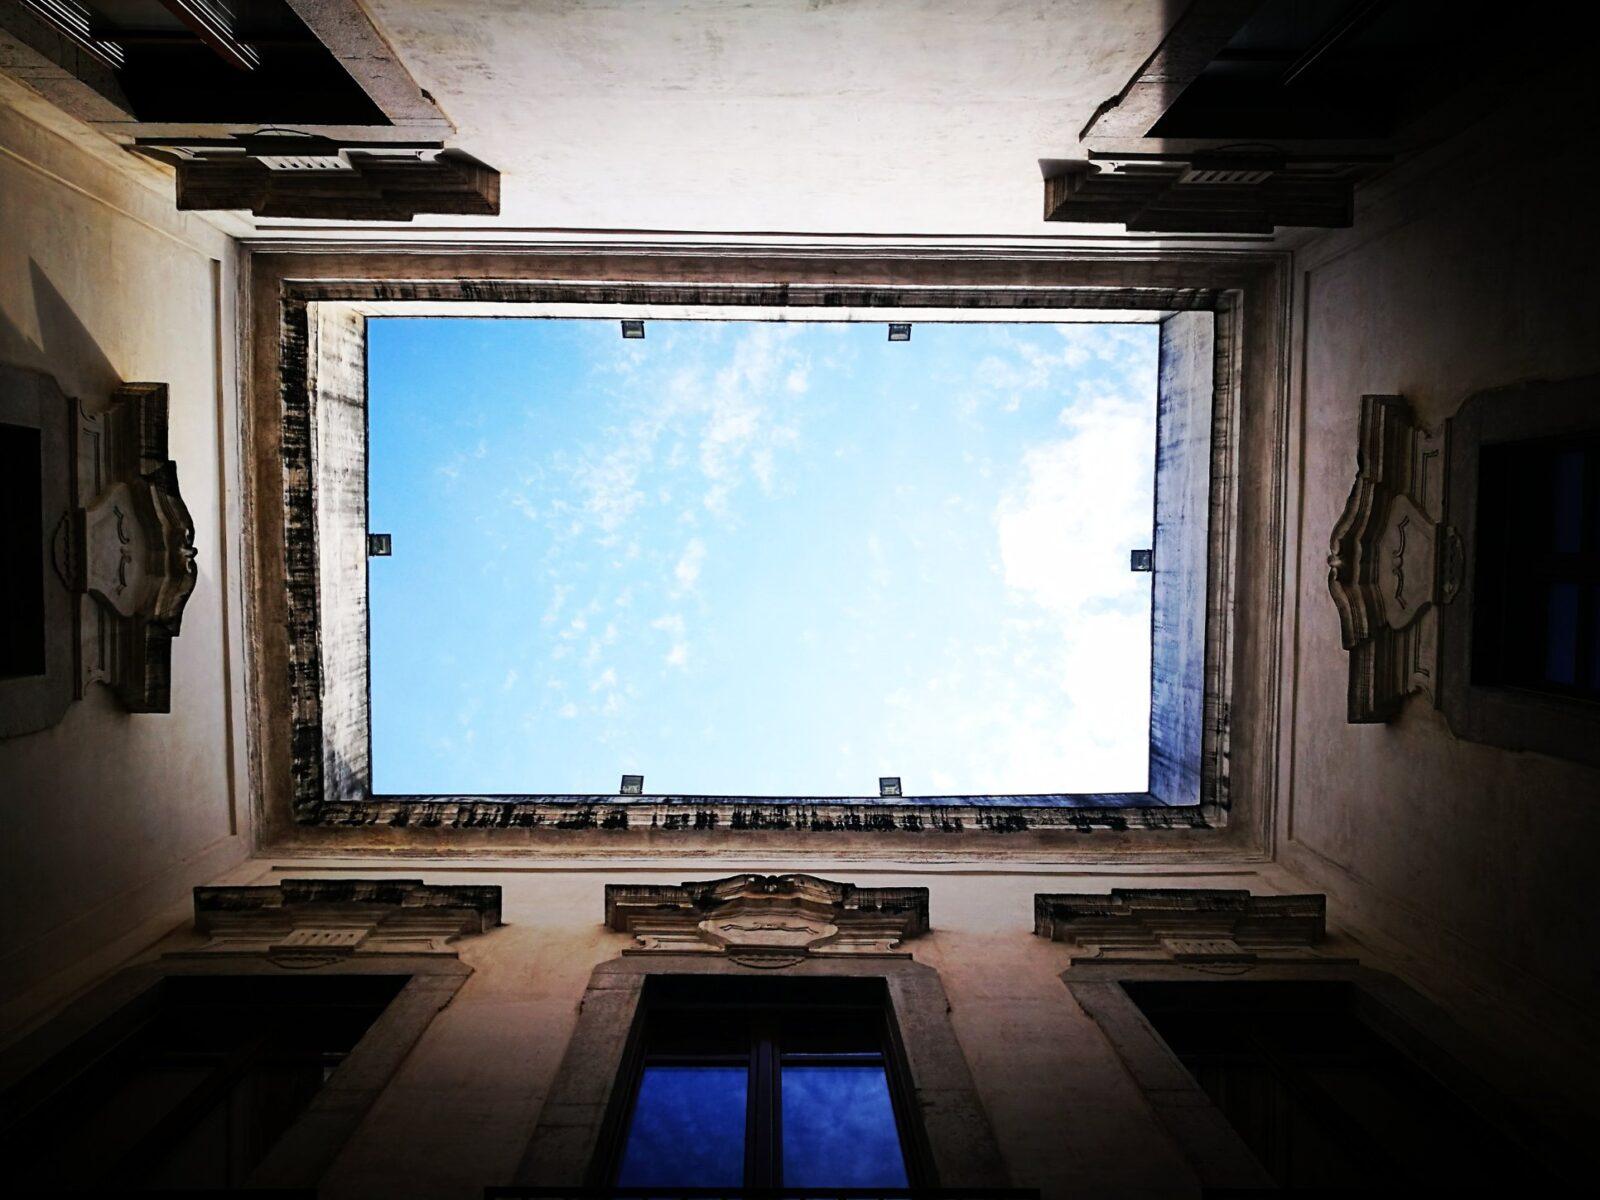 Palazzo delle Arti Beltrani